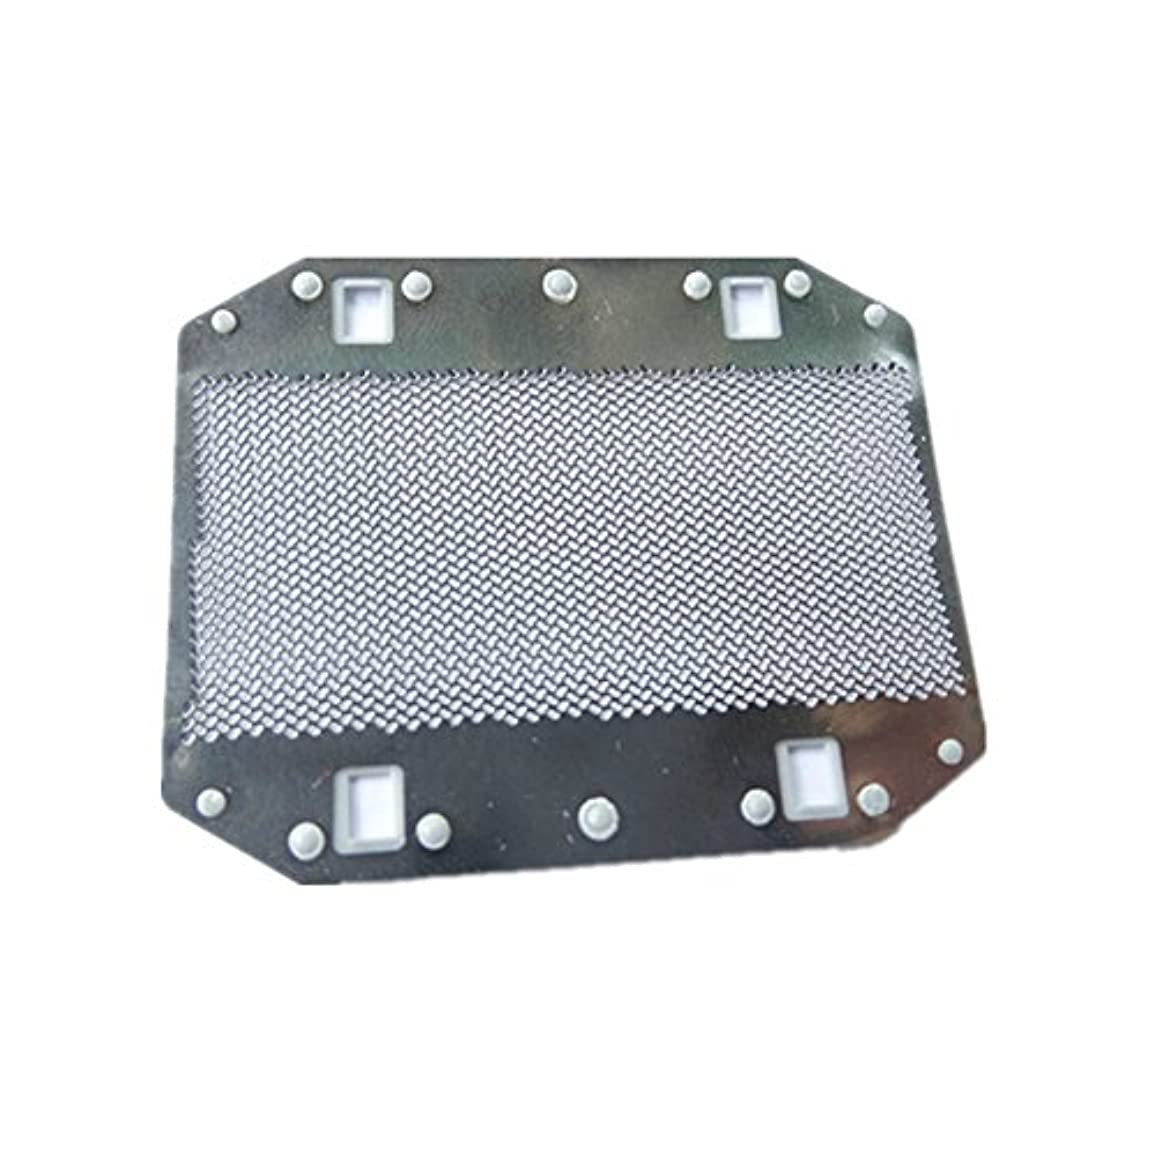 然とした活力気体のHZjundasi Replacement Outer ホイル for Panasonic ES3750/3760/RP40/815/3050 ES9943